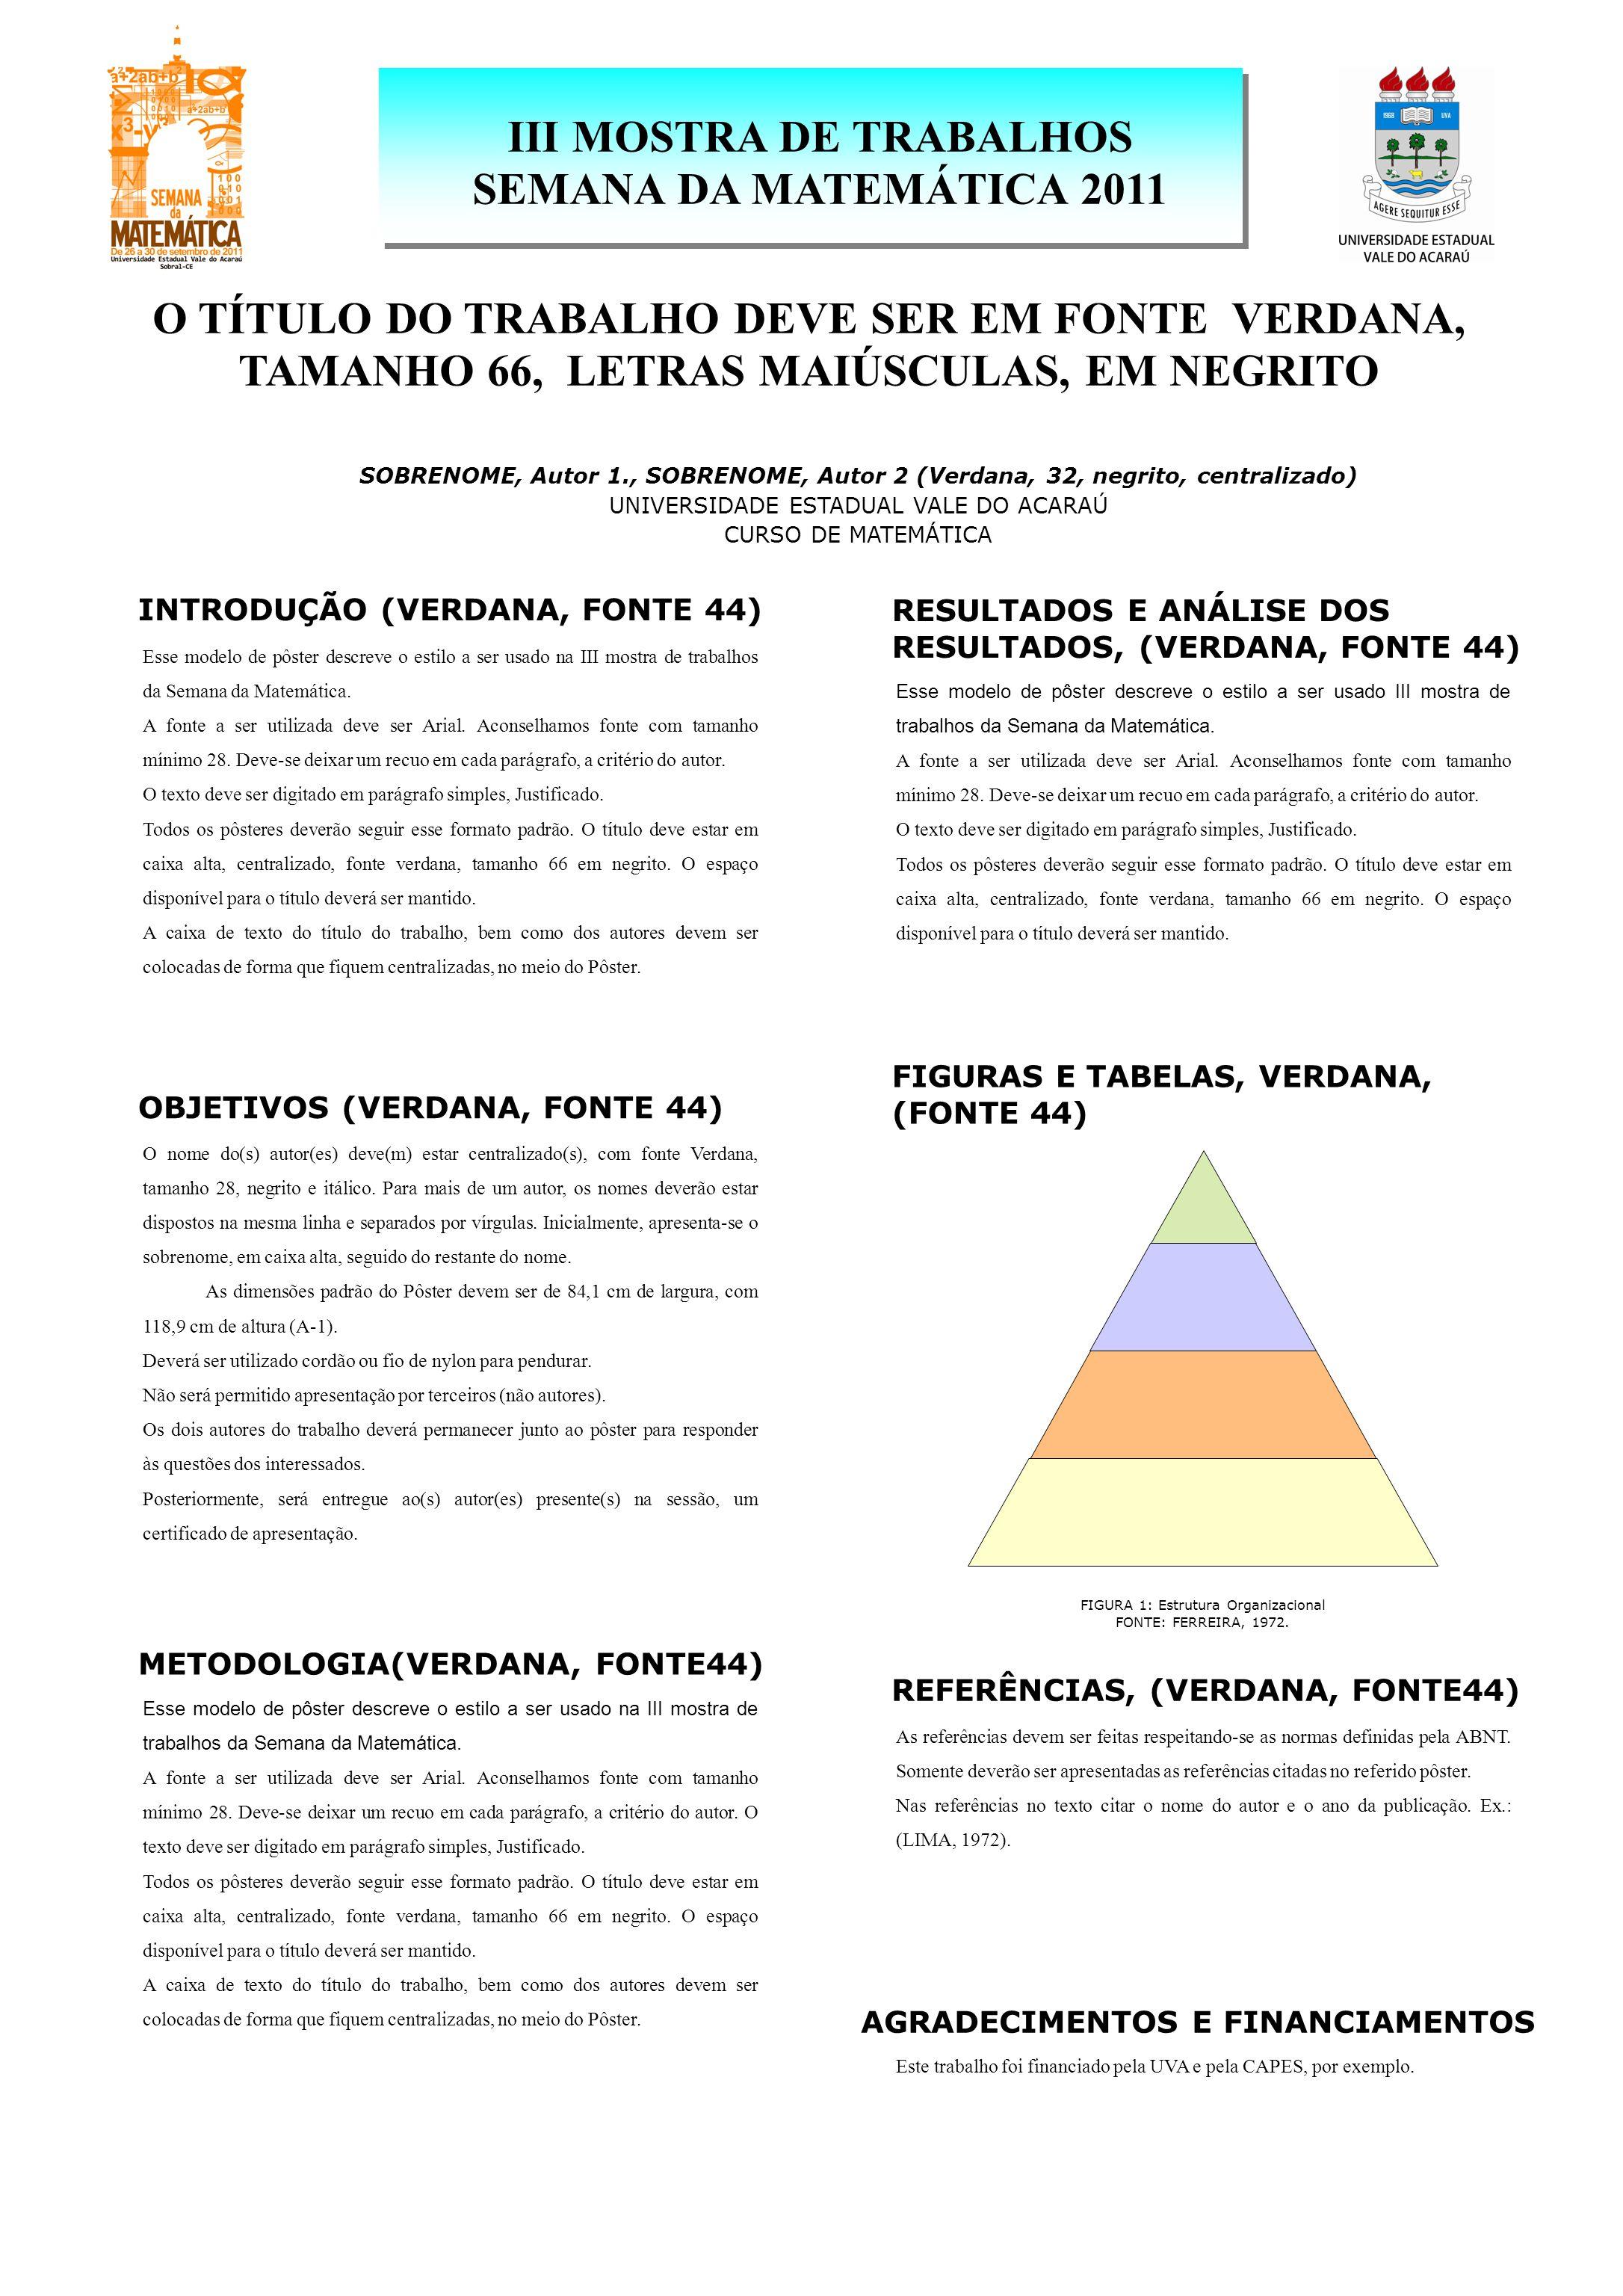 III MOSTRA DE TRABALHOS SEMANA DA MATEMÁTICA 2011